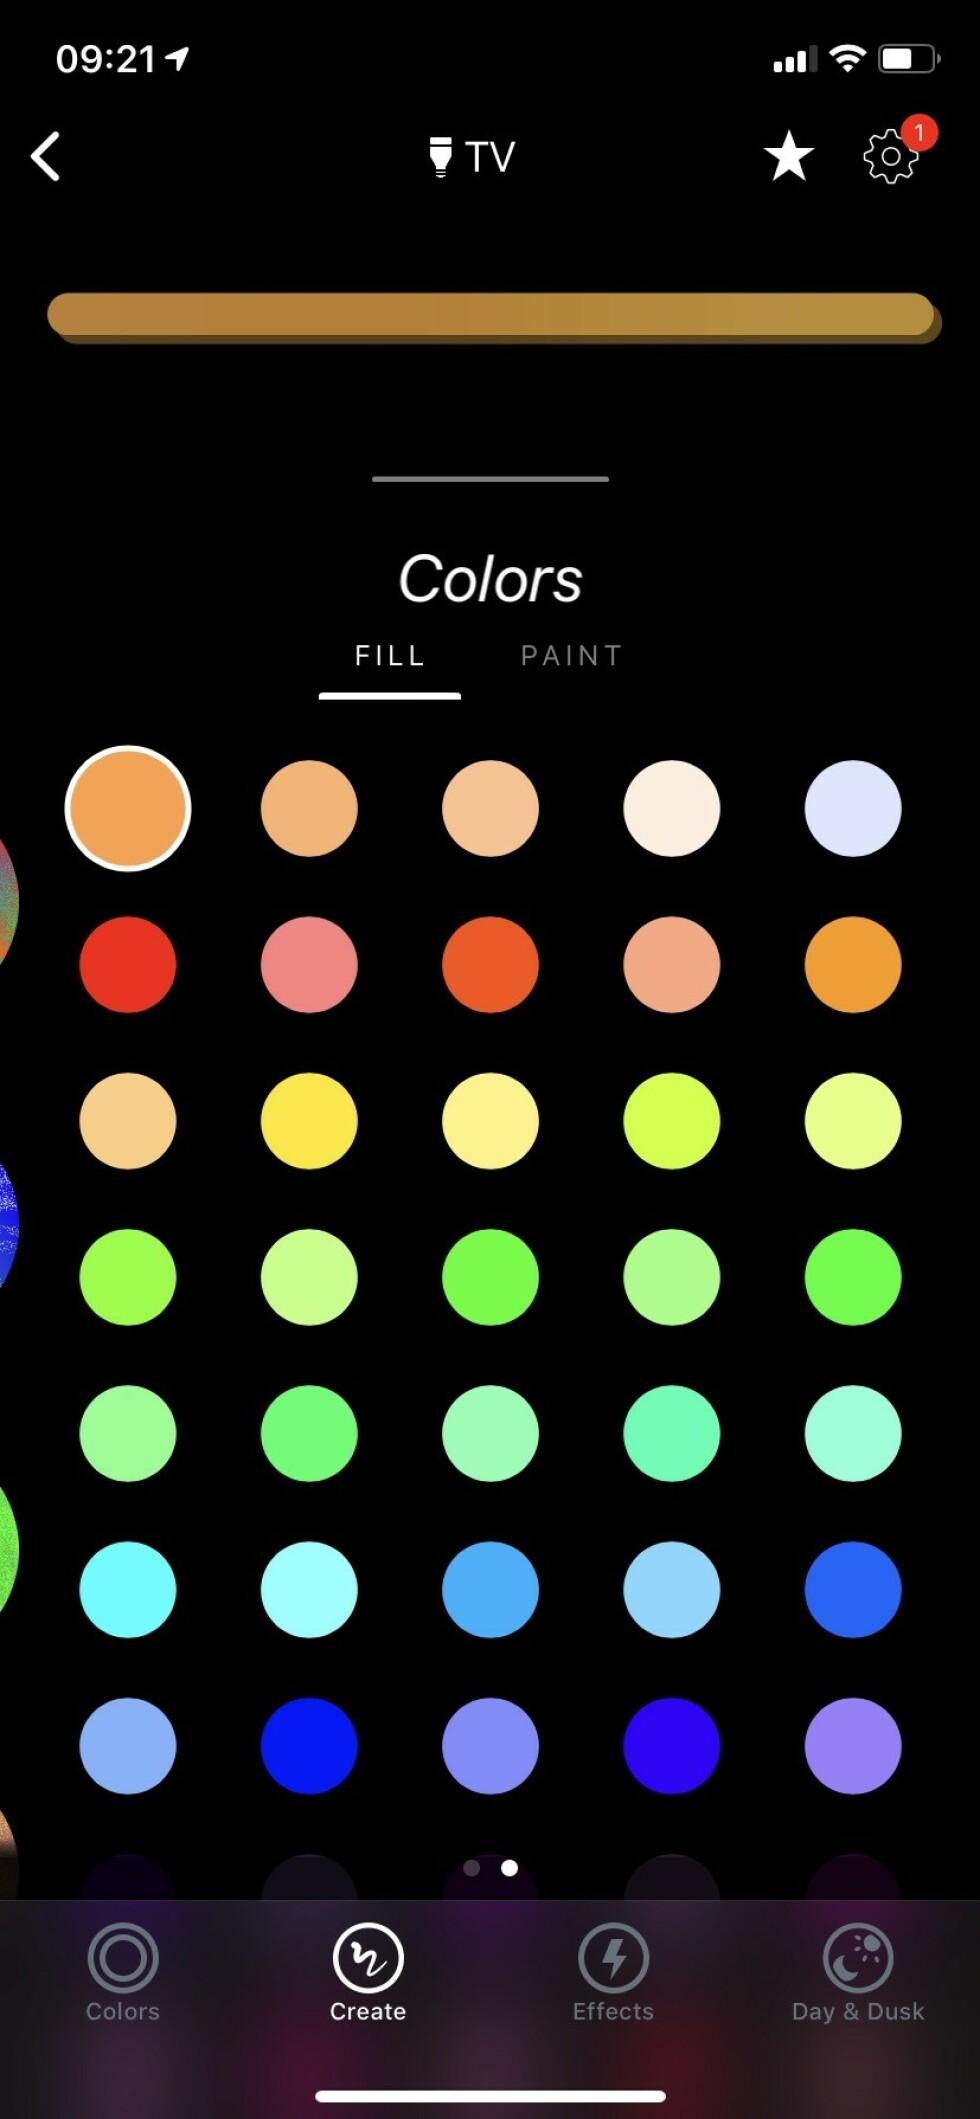 DU VELGER: Ved å trykke på «Create» kan du velge forhåndsinnstilte fargekombinasjoner eller lage dine egne. Foto: Øystein B. Fossum